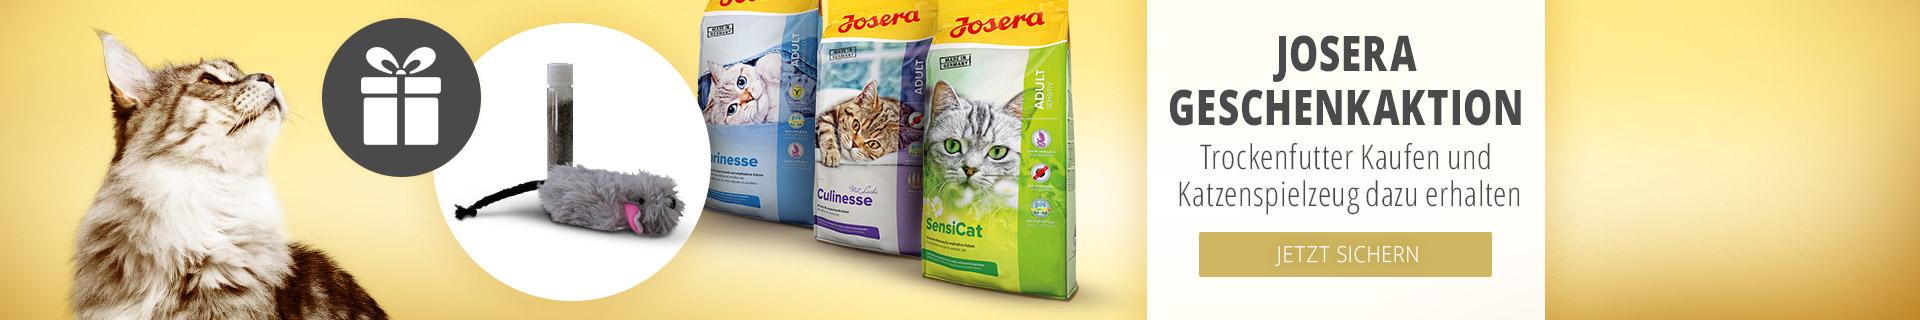 Josera Geschenkaktion Trockenfutter kaufen und Katzenspielzeug erhalten